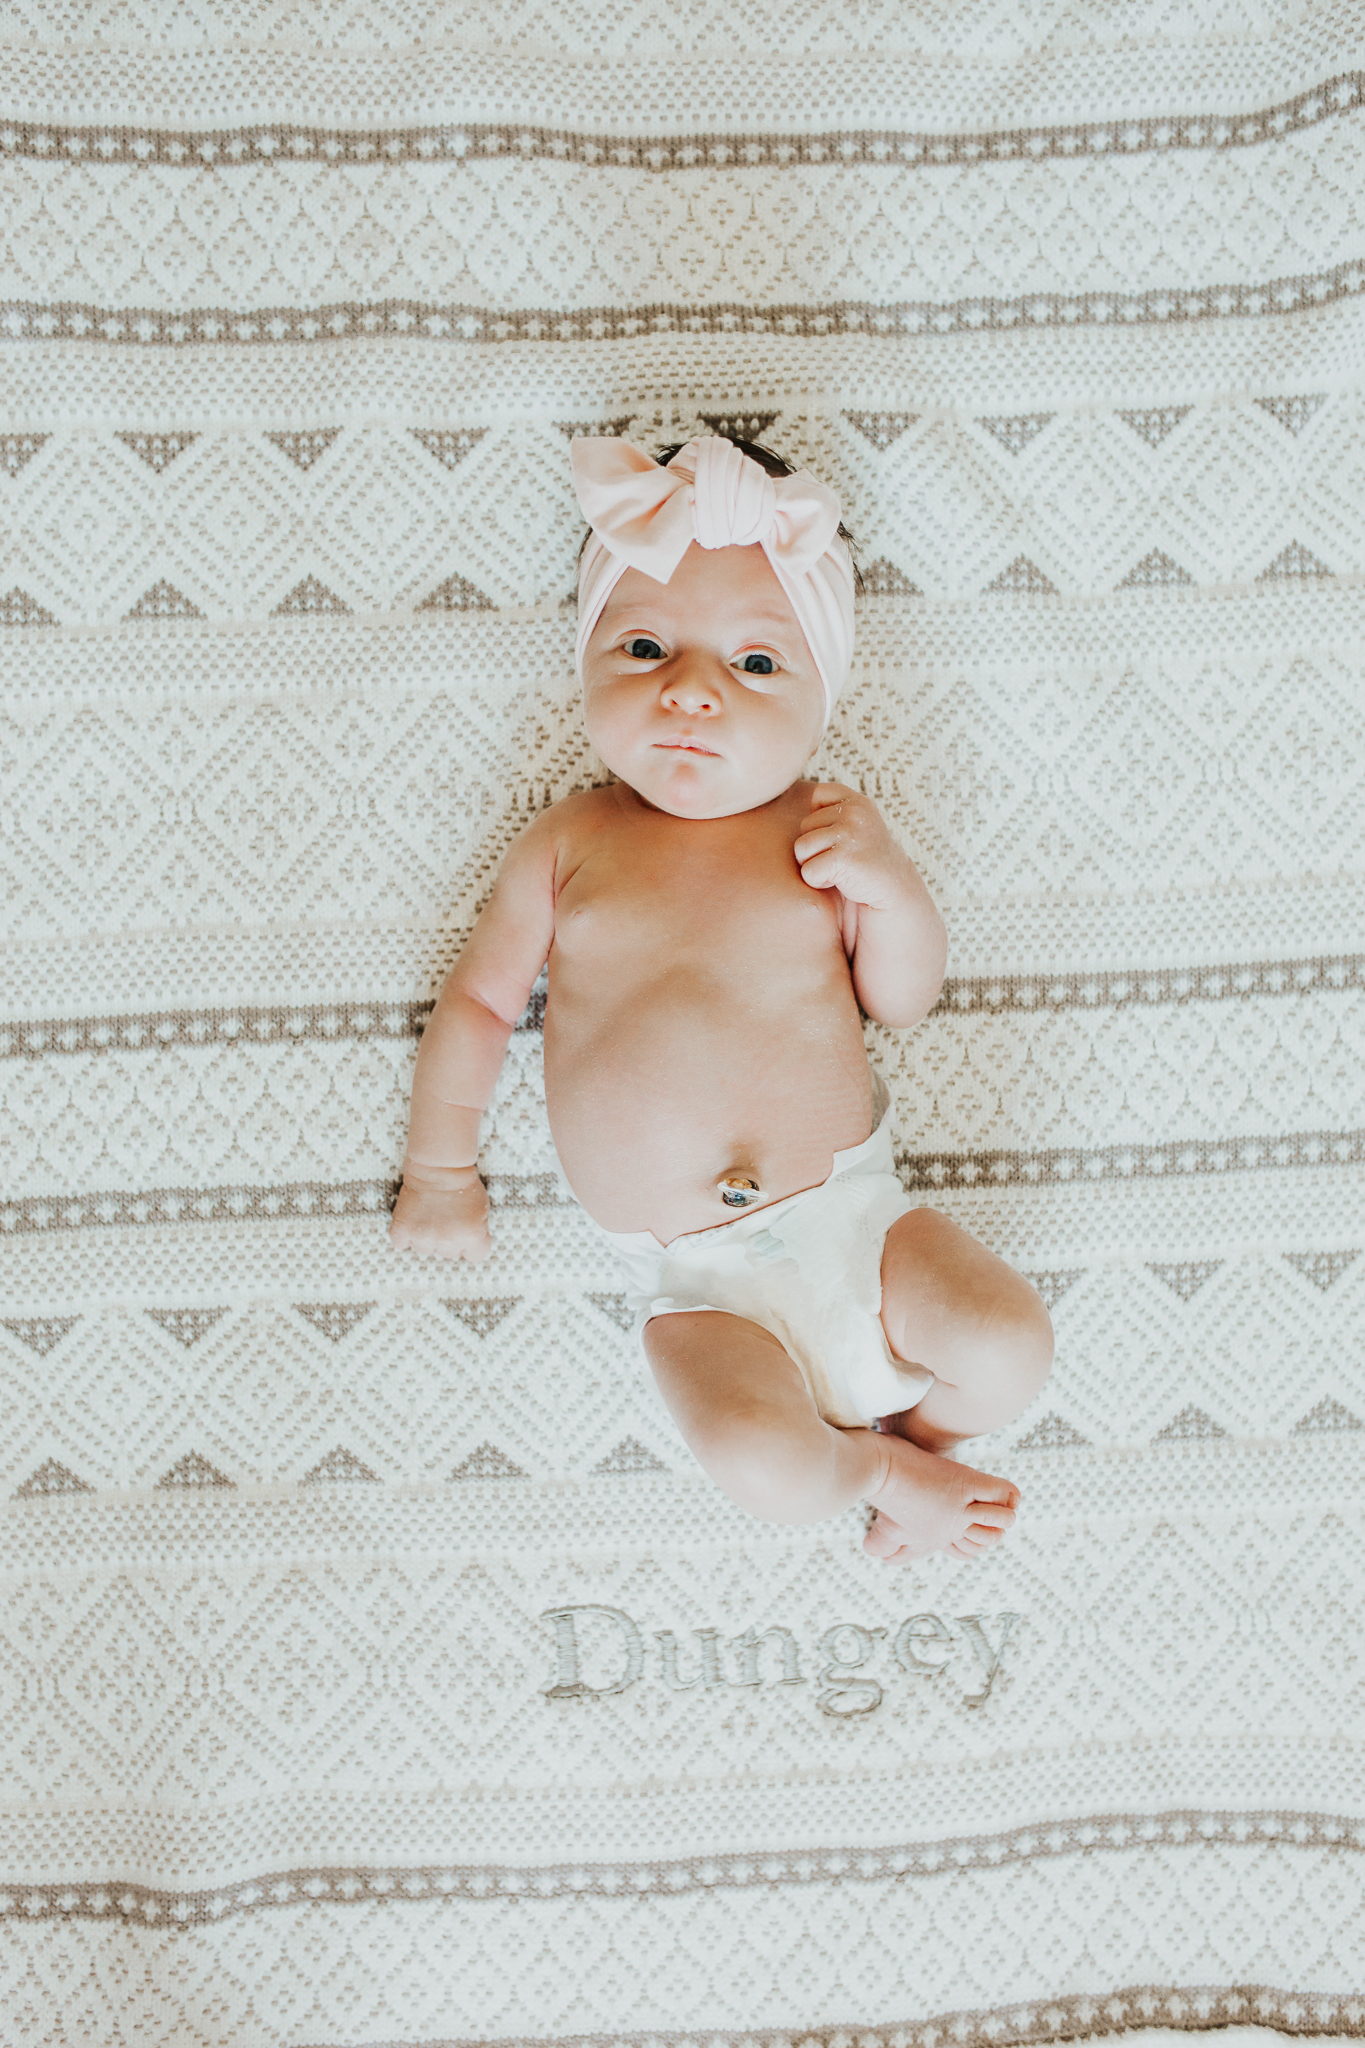 DungeyNewborn-7.jpg